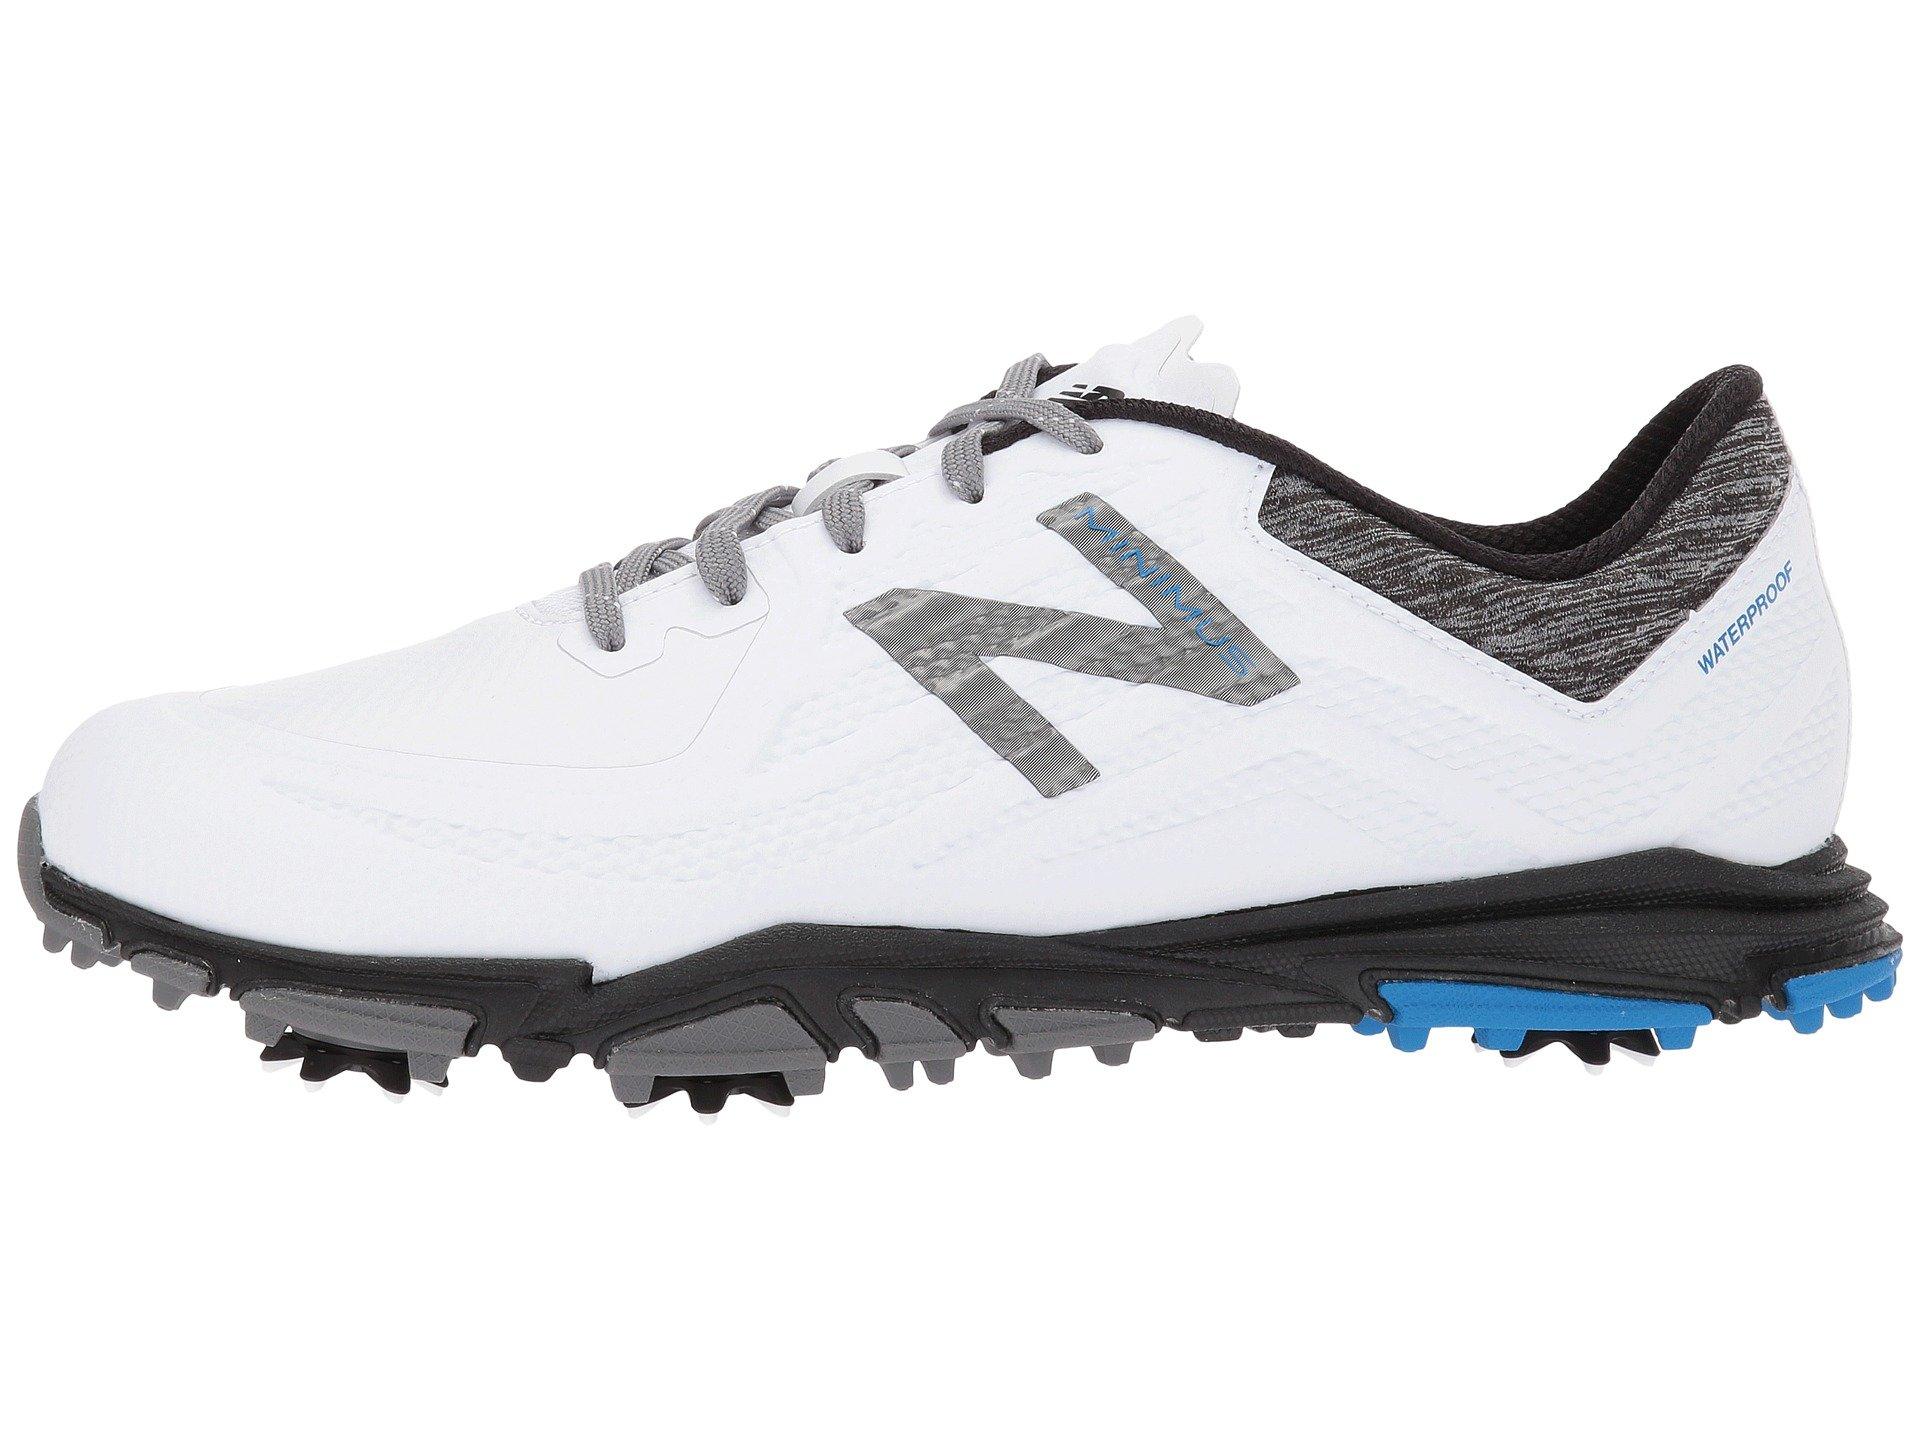 New Balance Men S Minimus Tour Golf Zappos